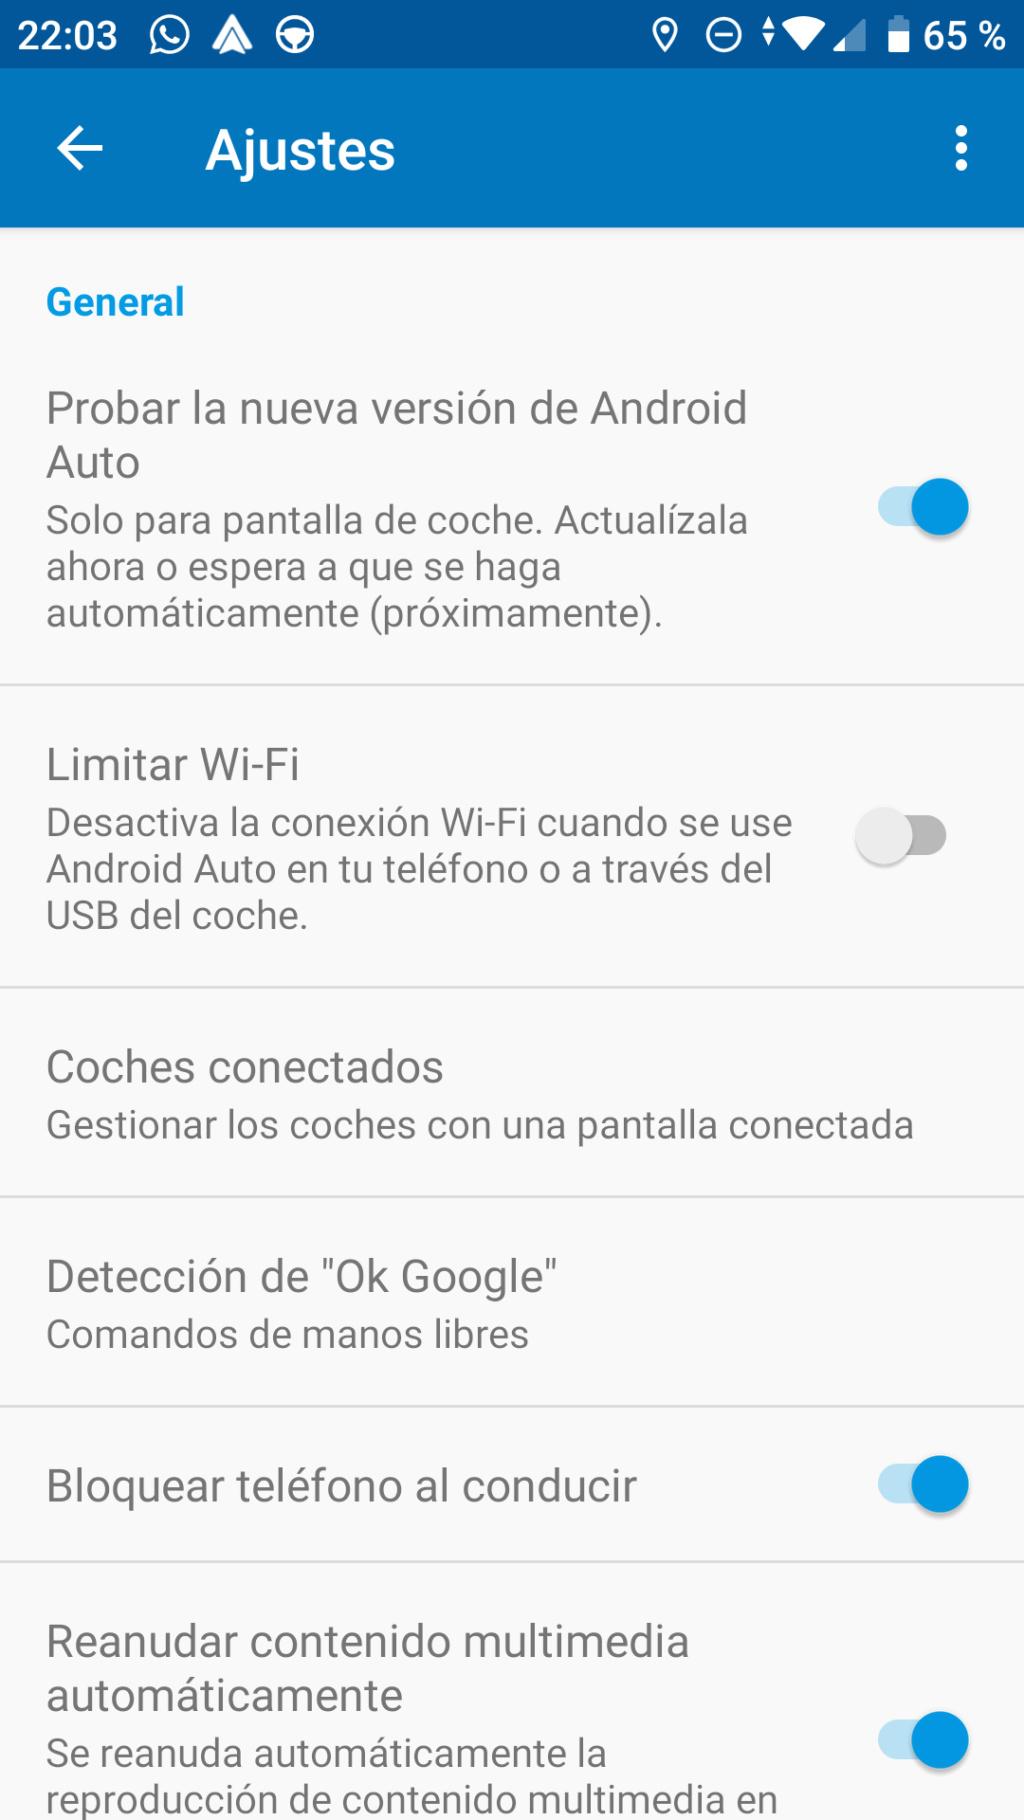 Android Auto lanza su nueva interfaz - Página 4 Screen15